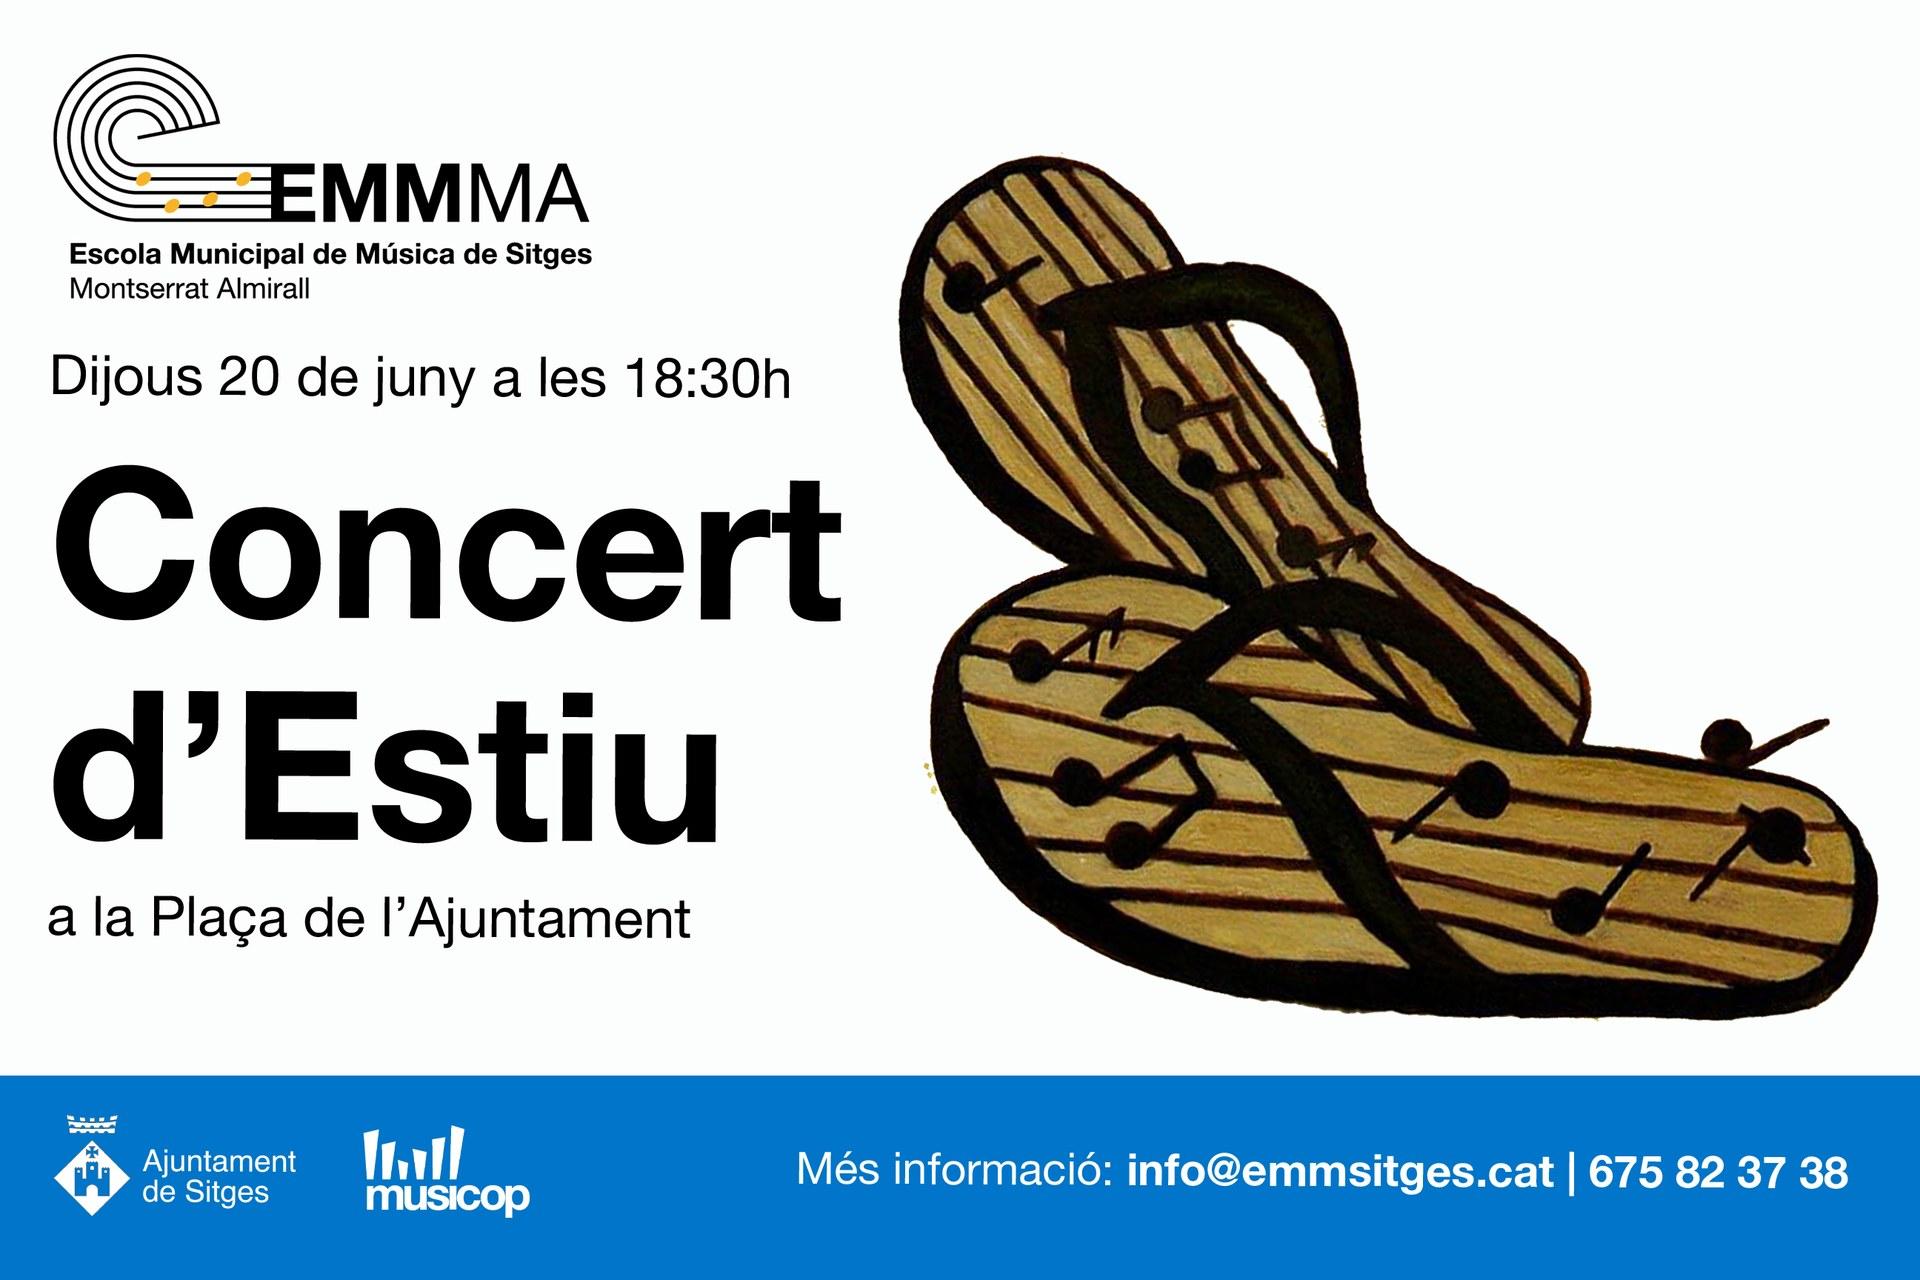 Concert d'Estiu